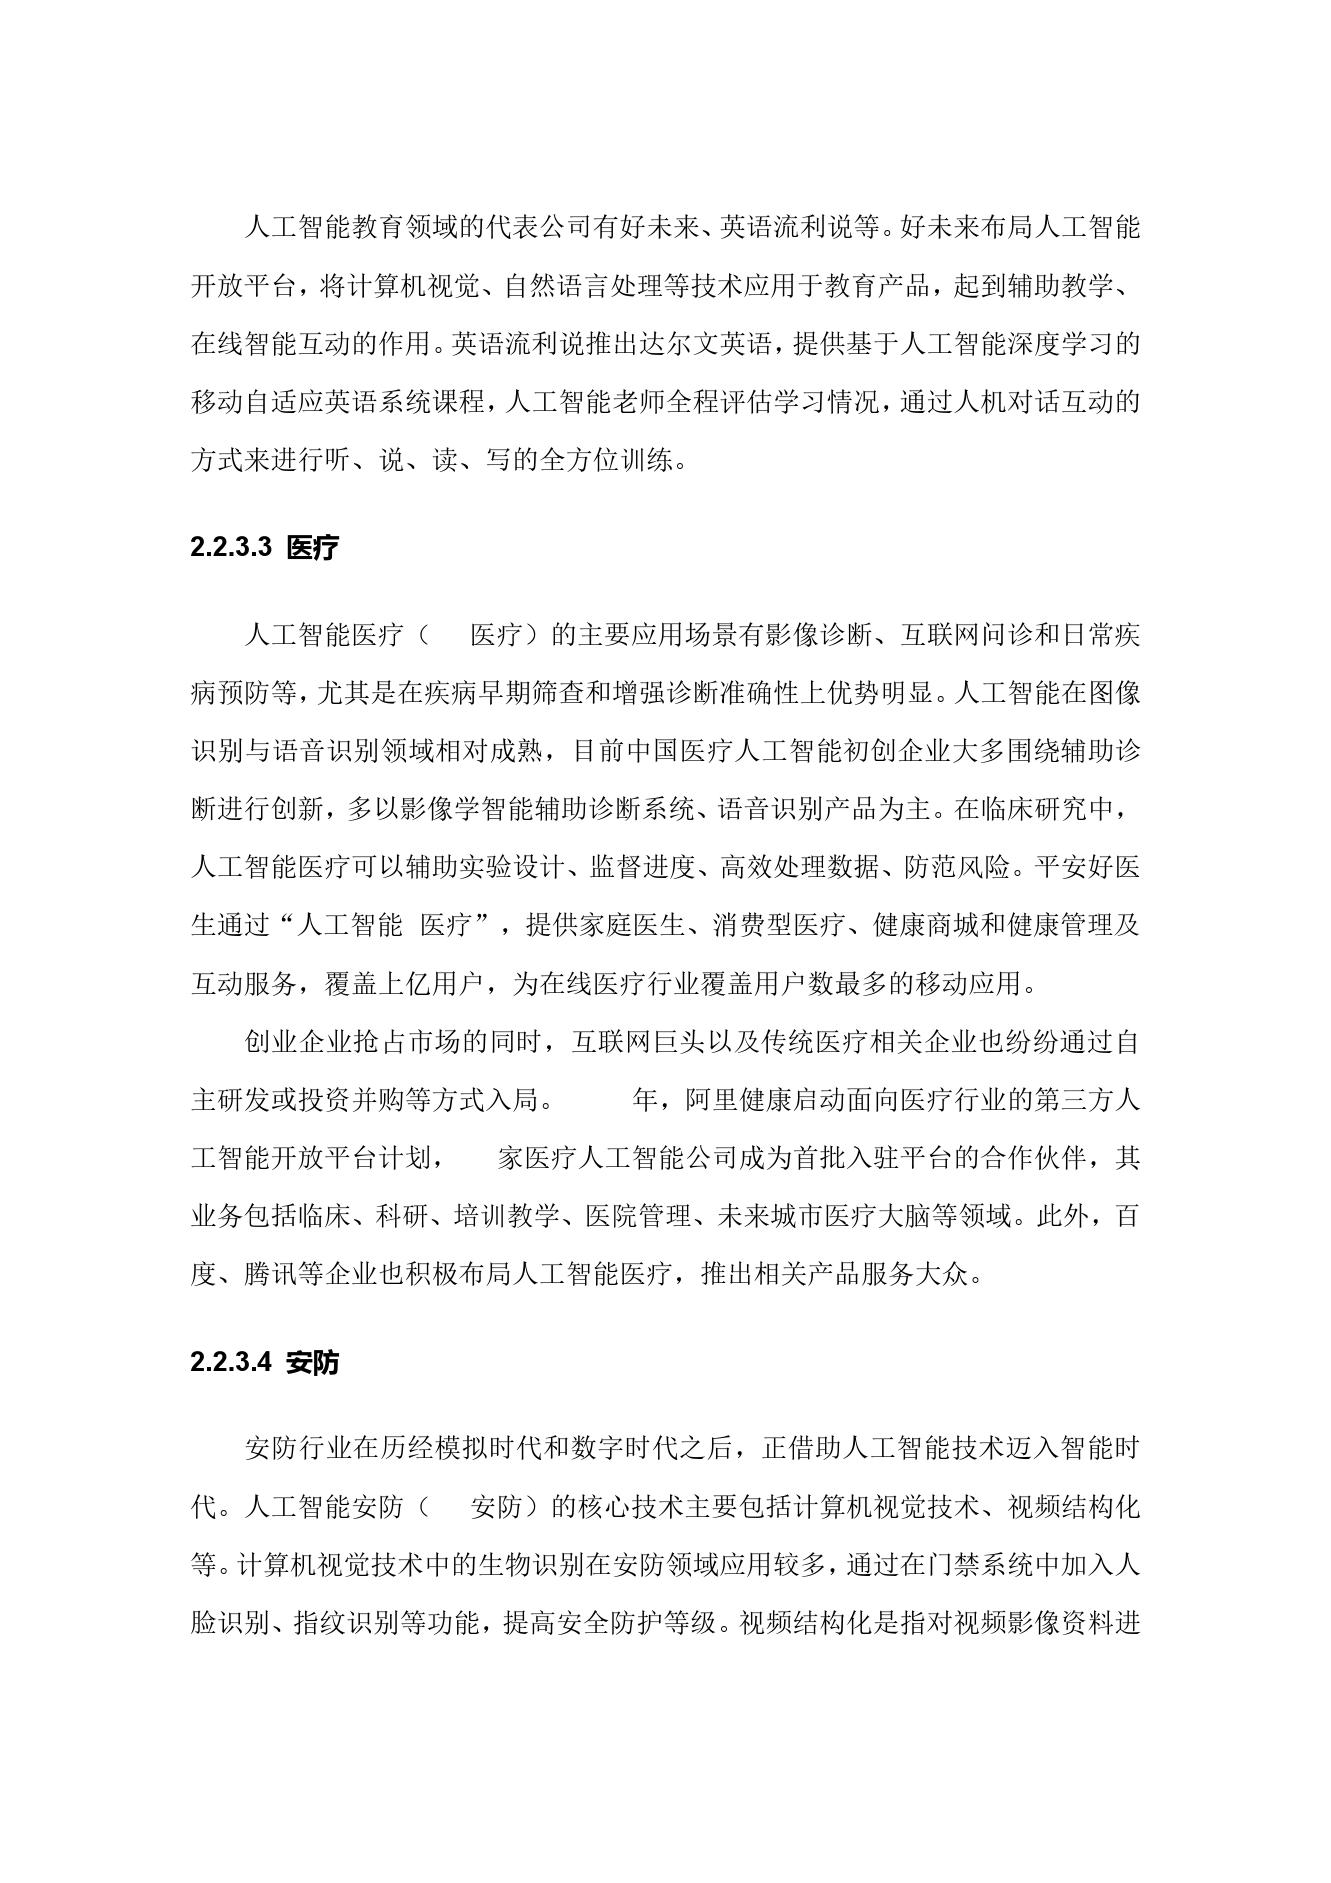 36氪研究院:2020年中国城市人工智能发展指数报告(可下载报告)插图(37)